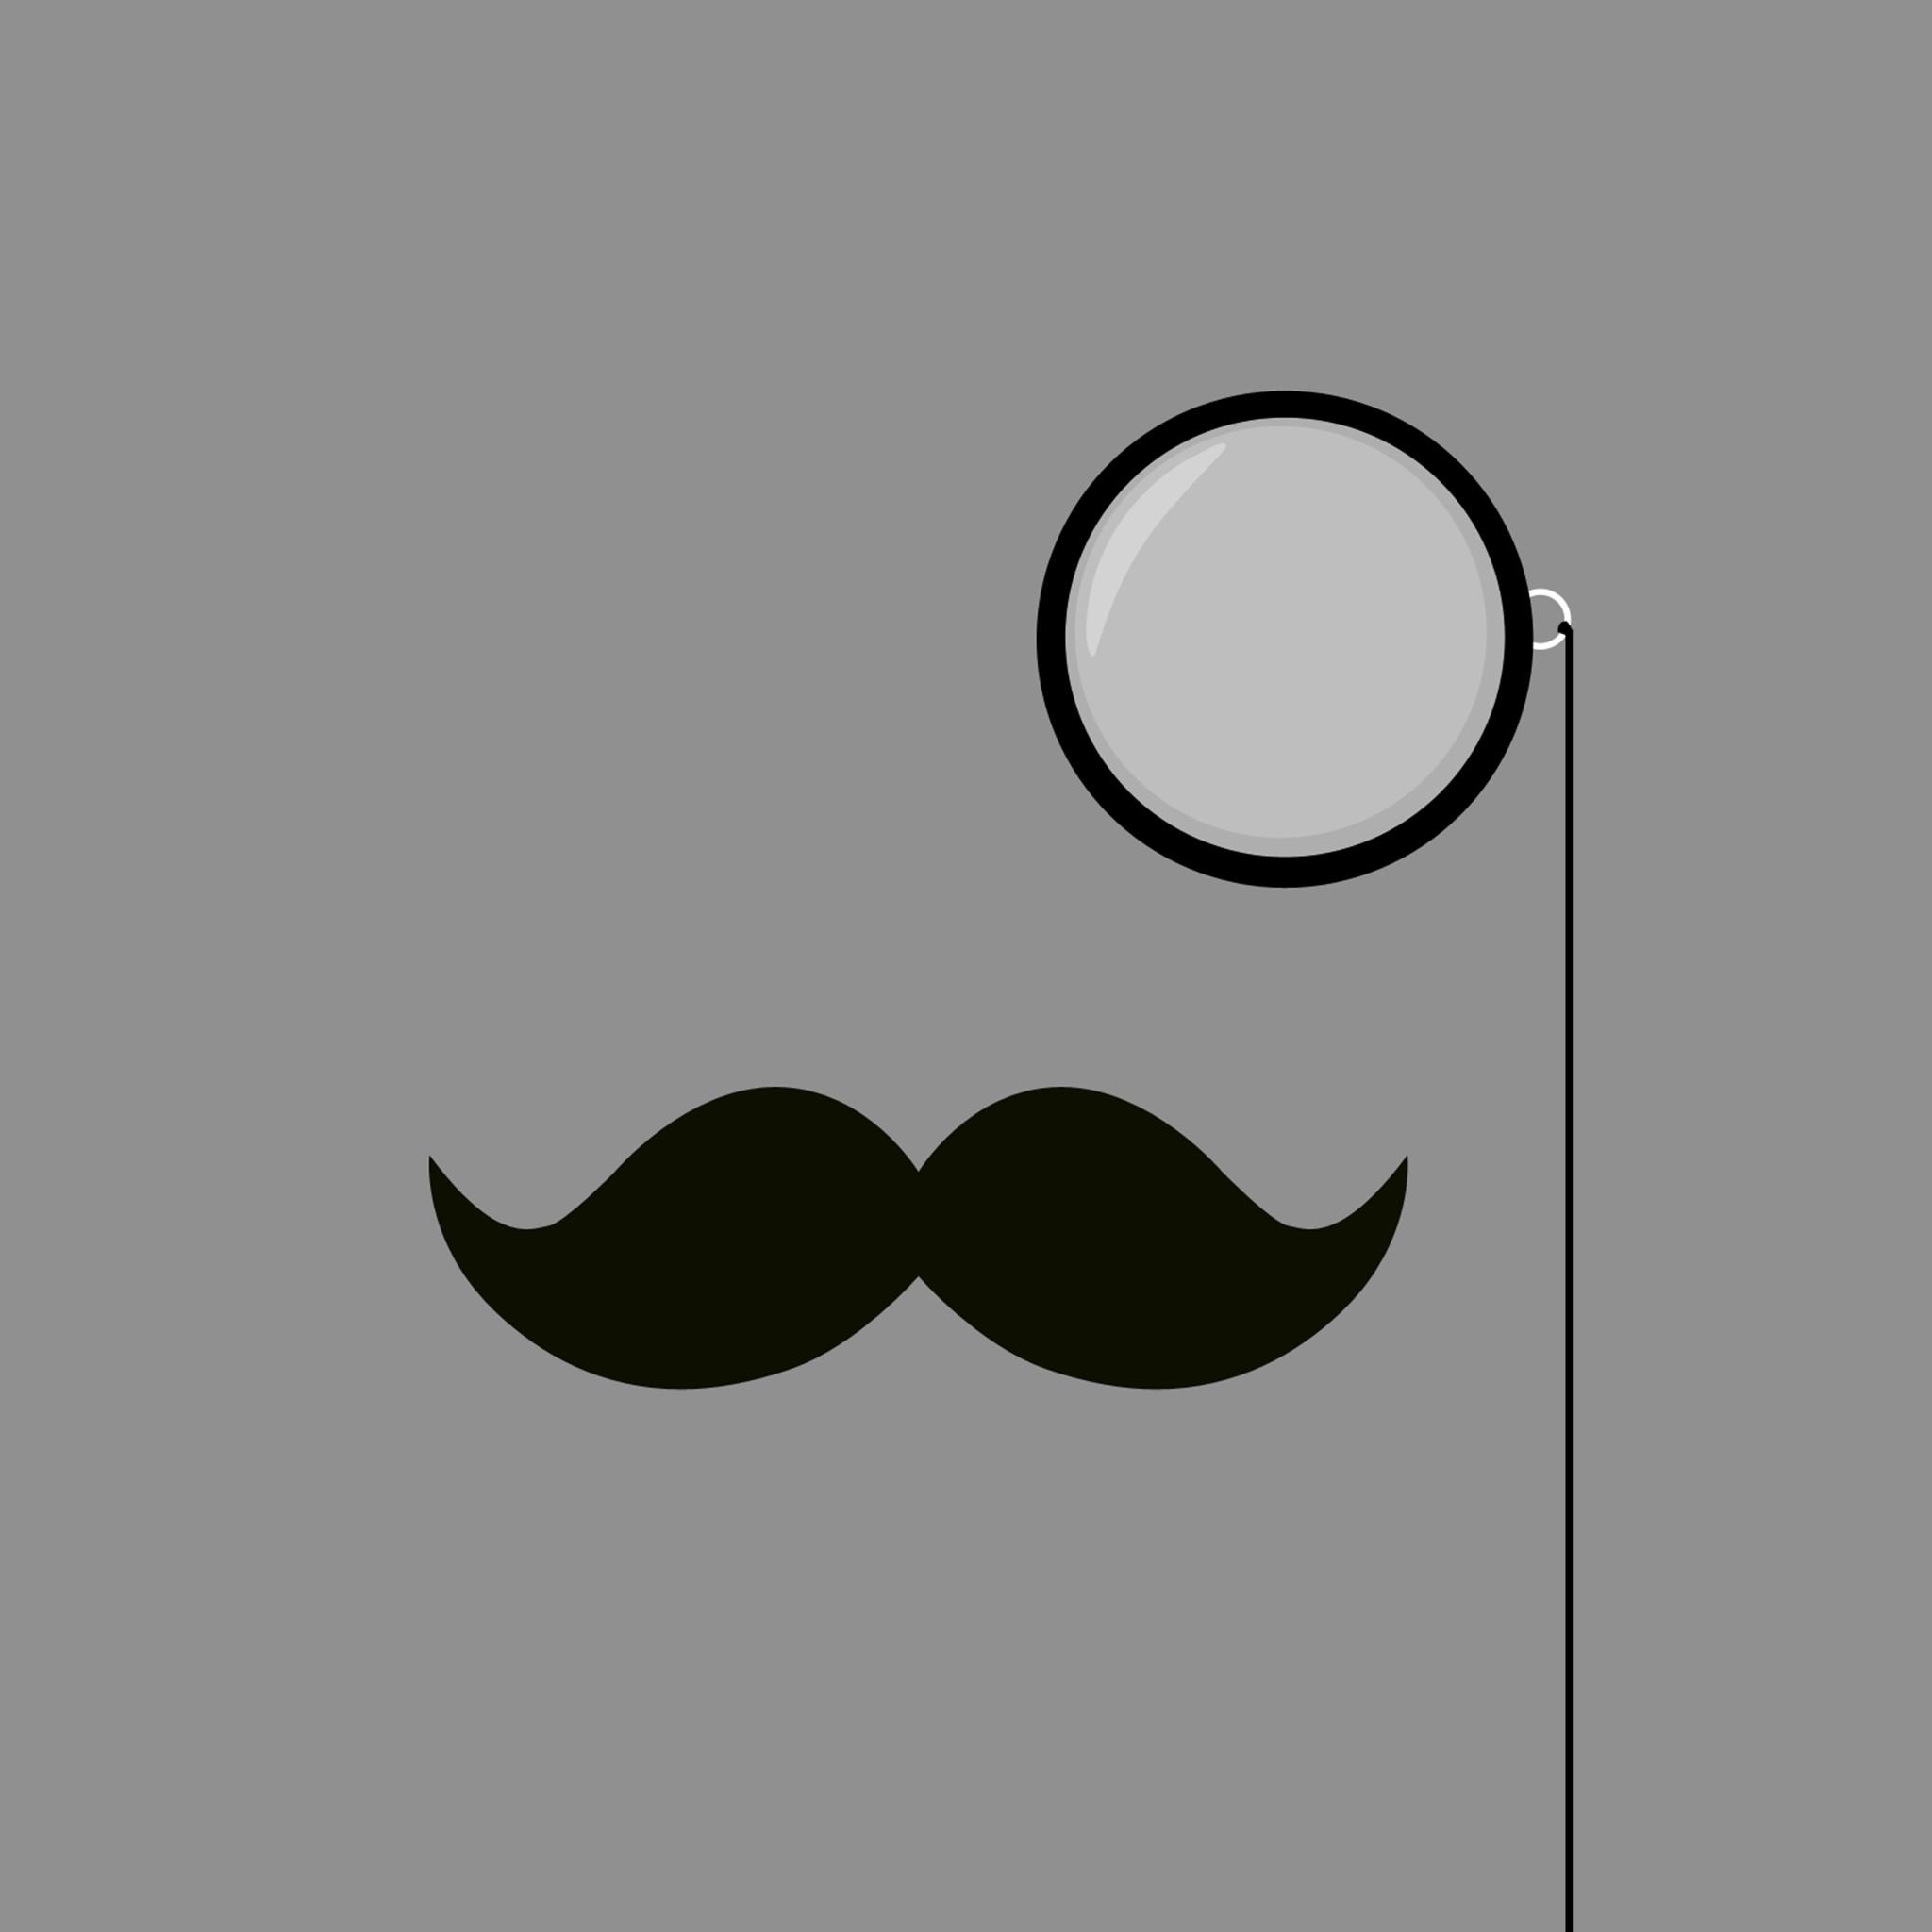 Moustache Wallpaper 1